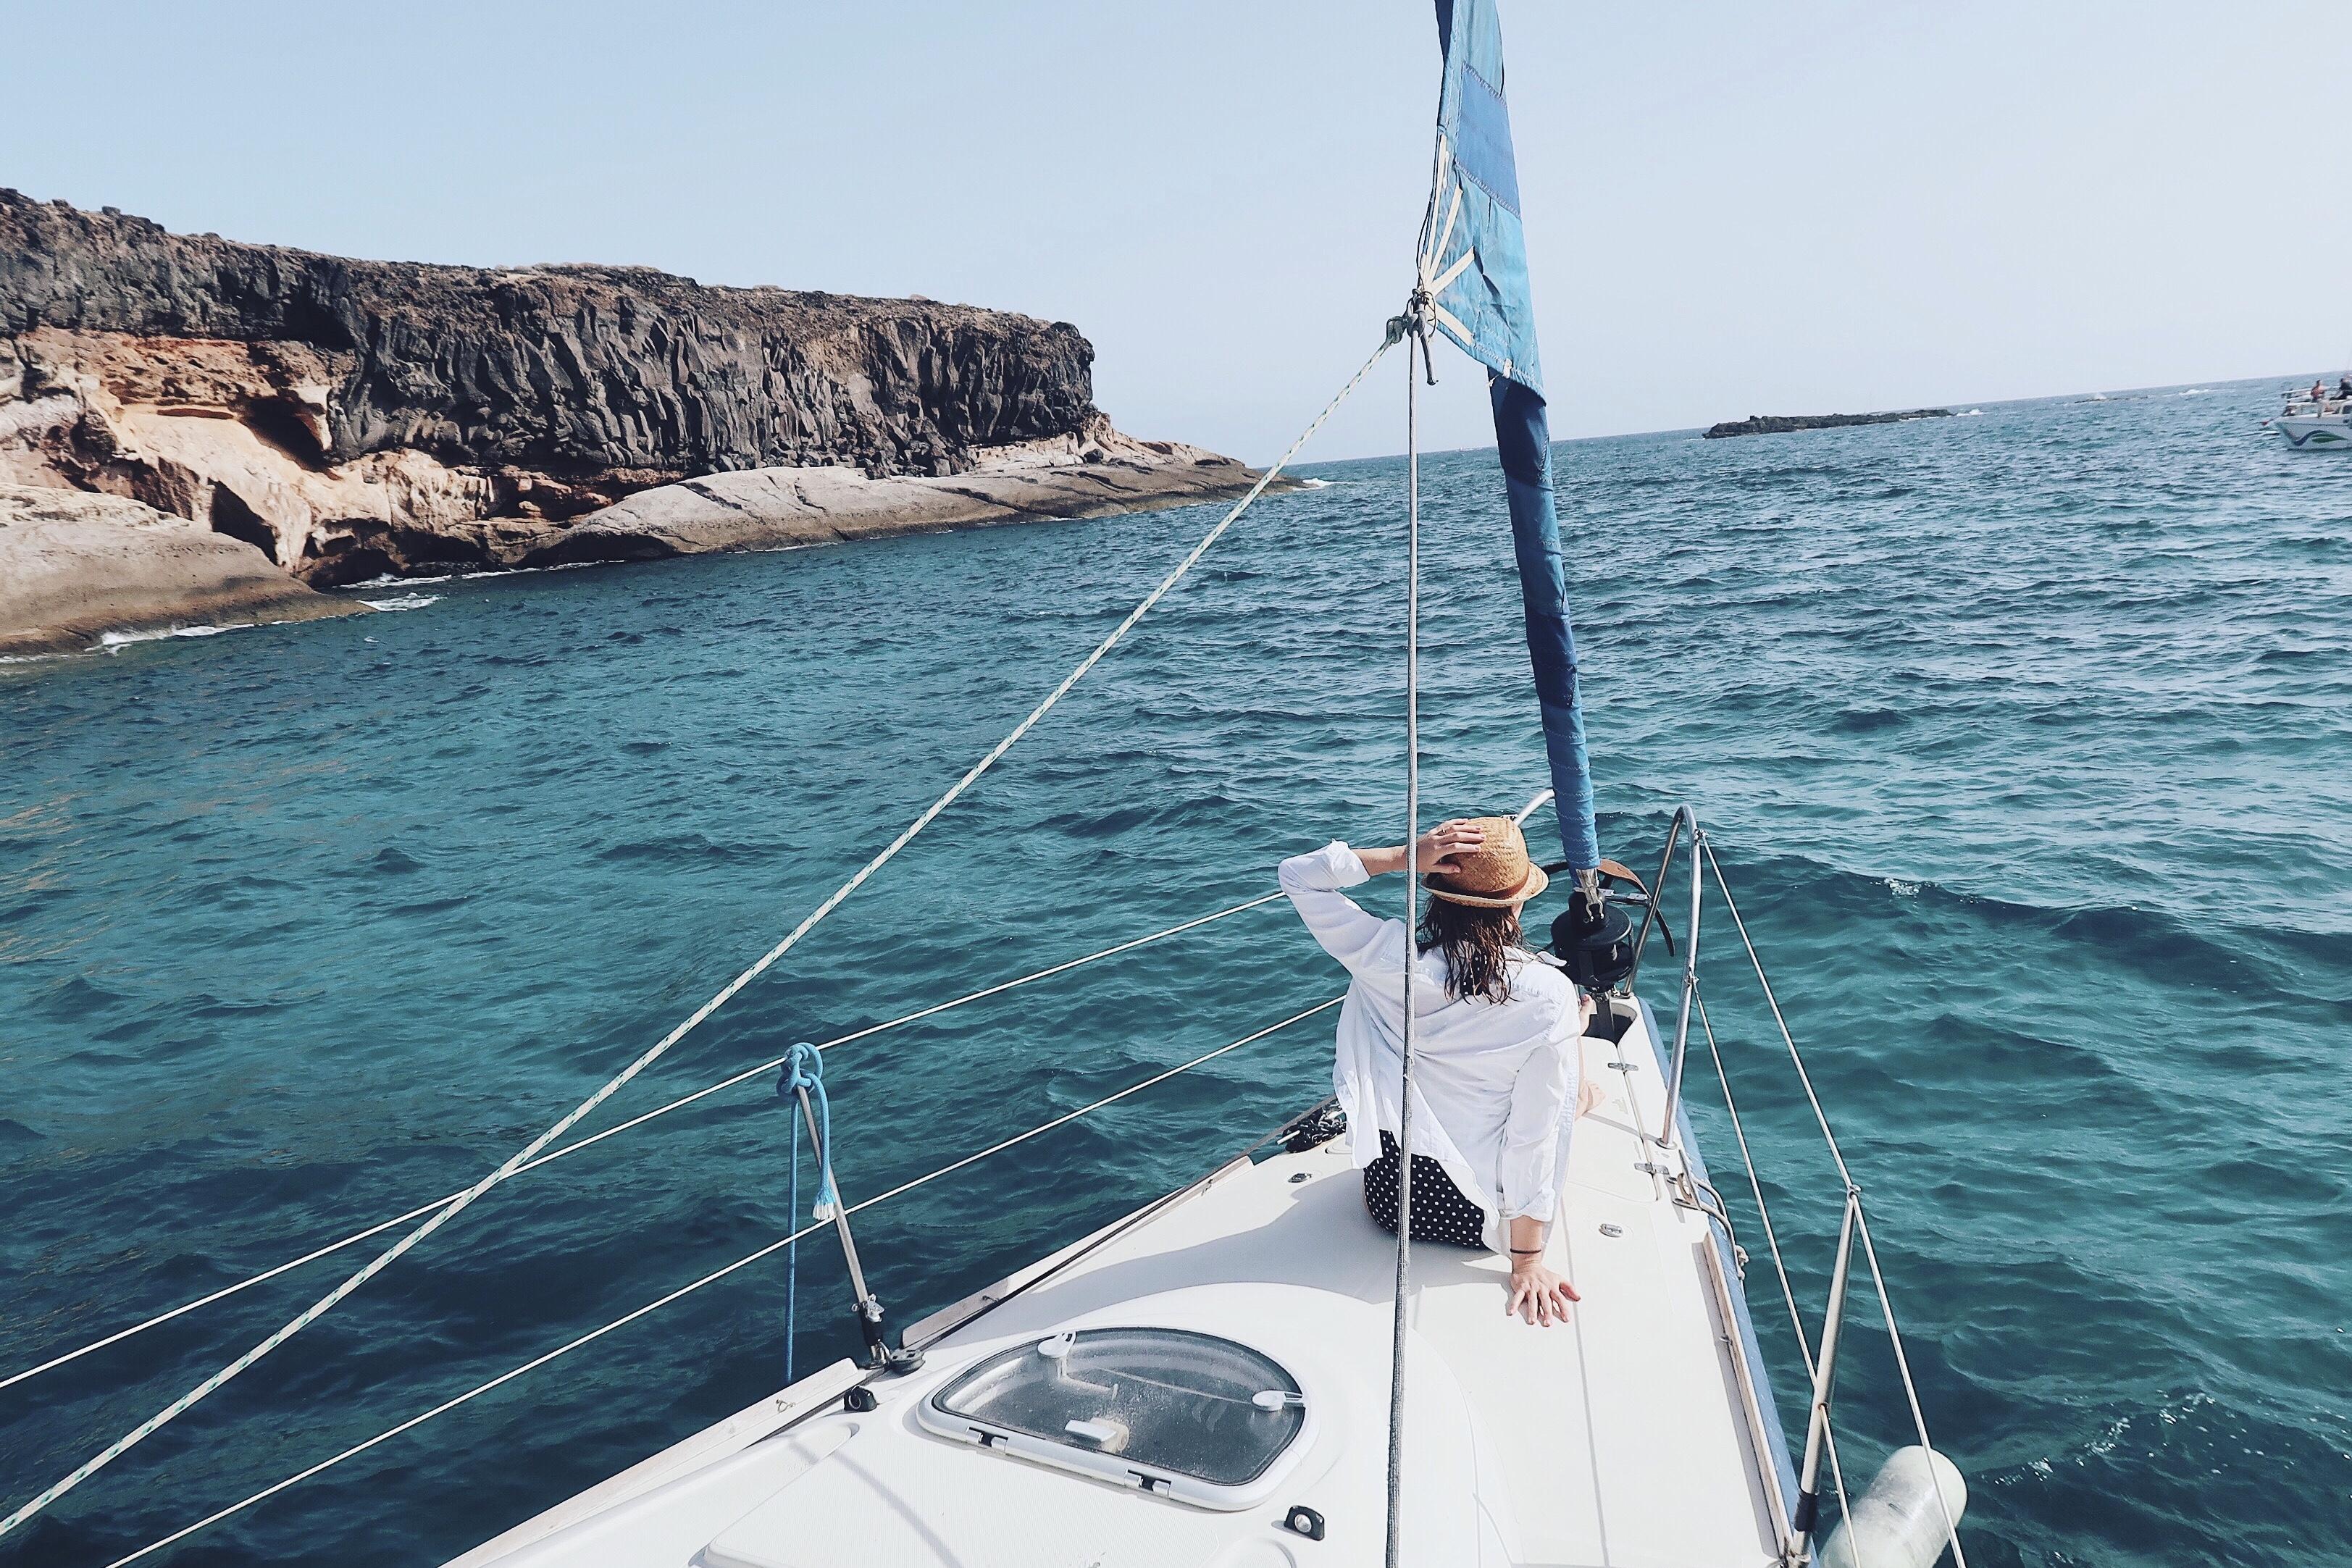 Sailing Yacht Tour